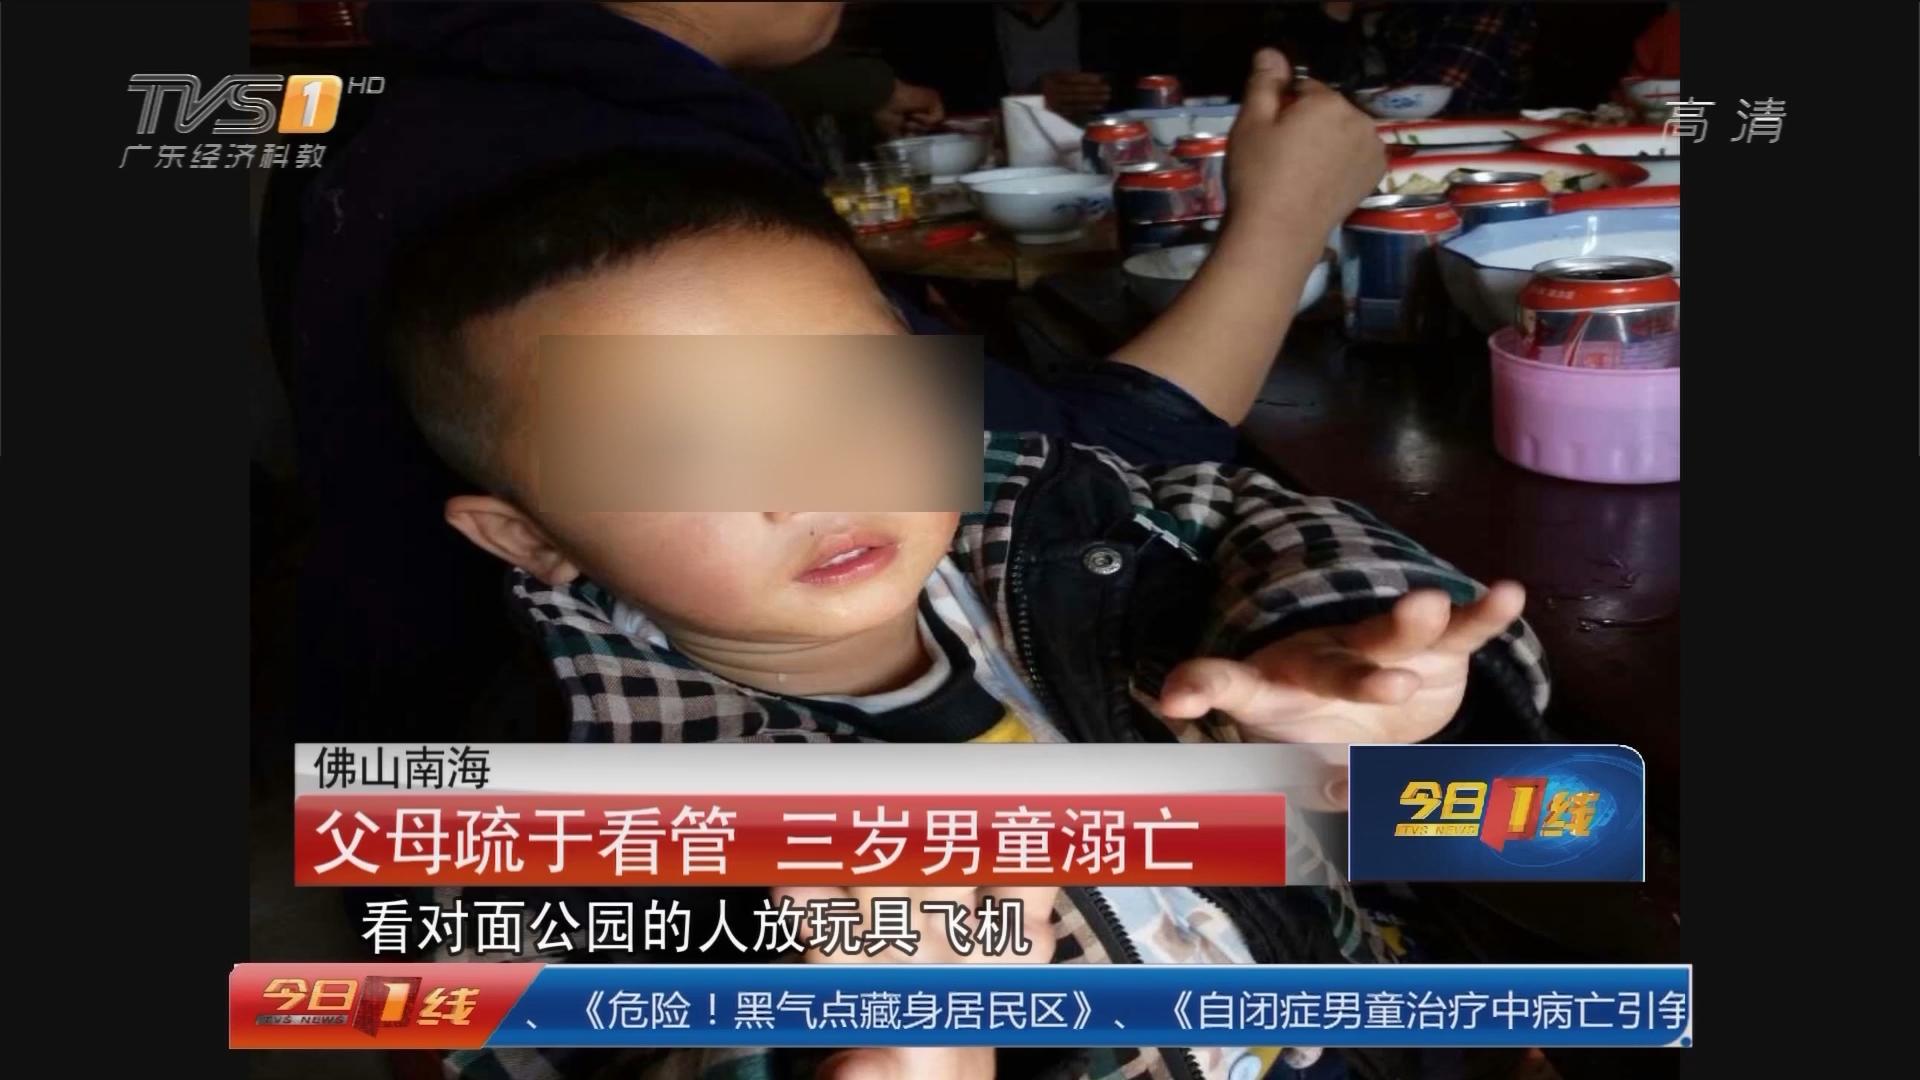 佛山南海:父母疏于看管 三岁男童溺亡